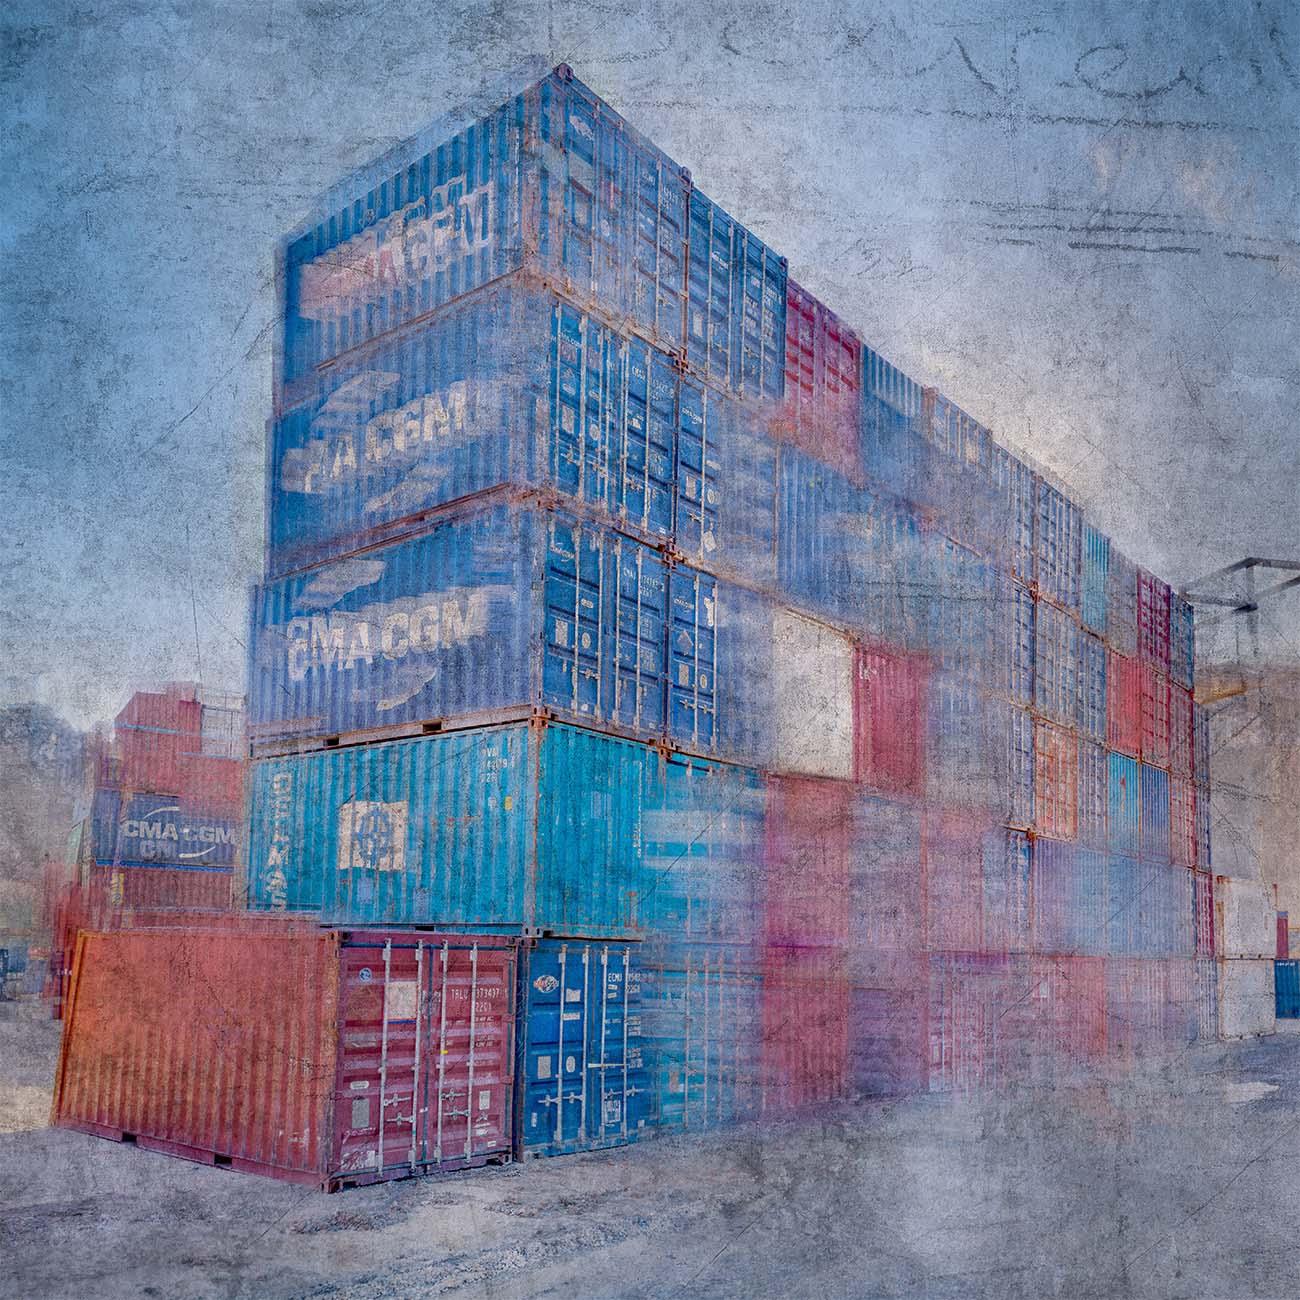 Carrière du Vallon Containers Bleu Marseille Paul-Louis LEGER Photographe